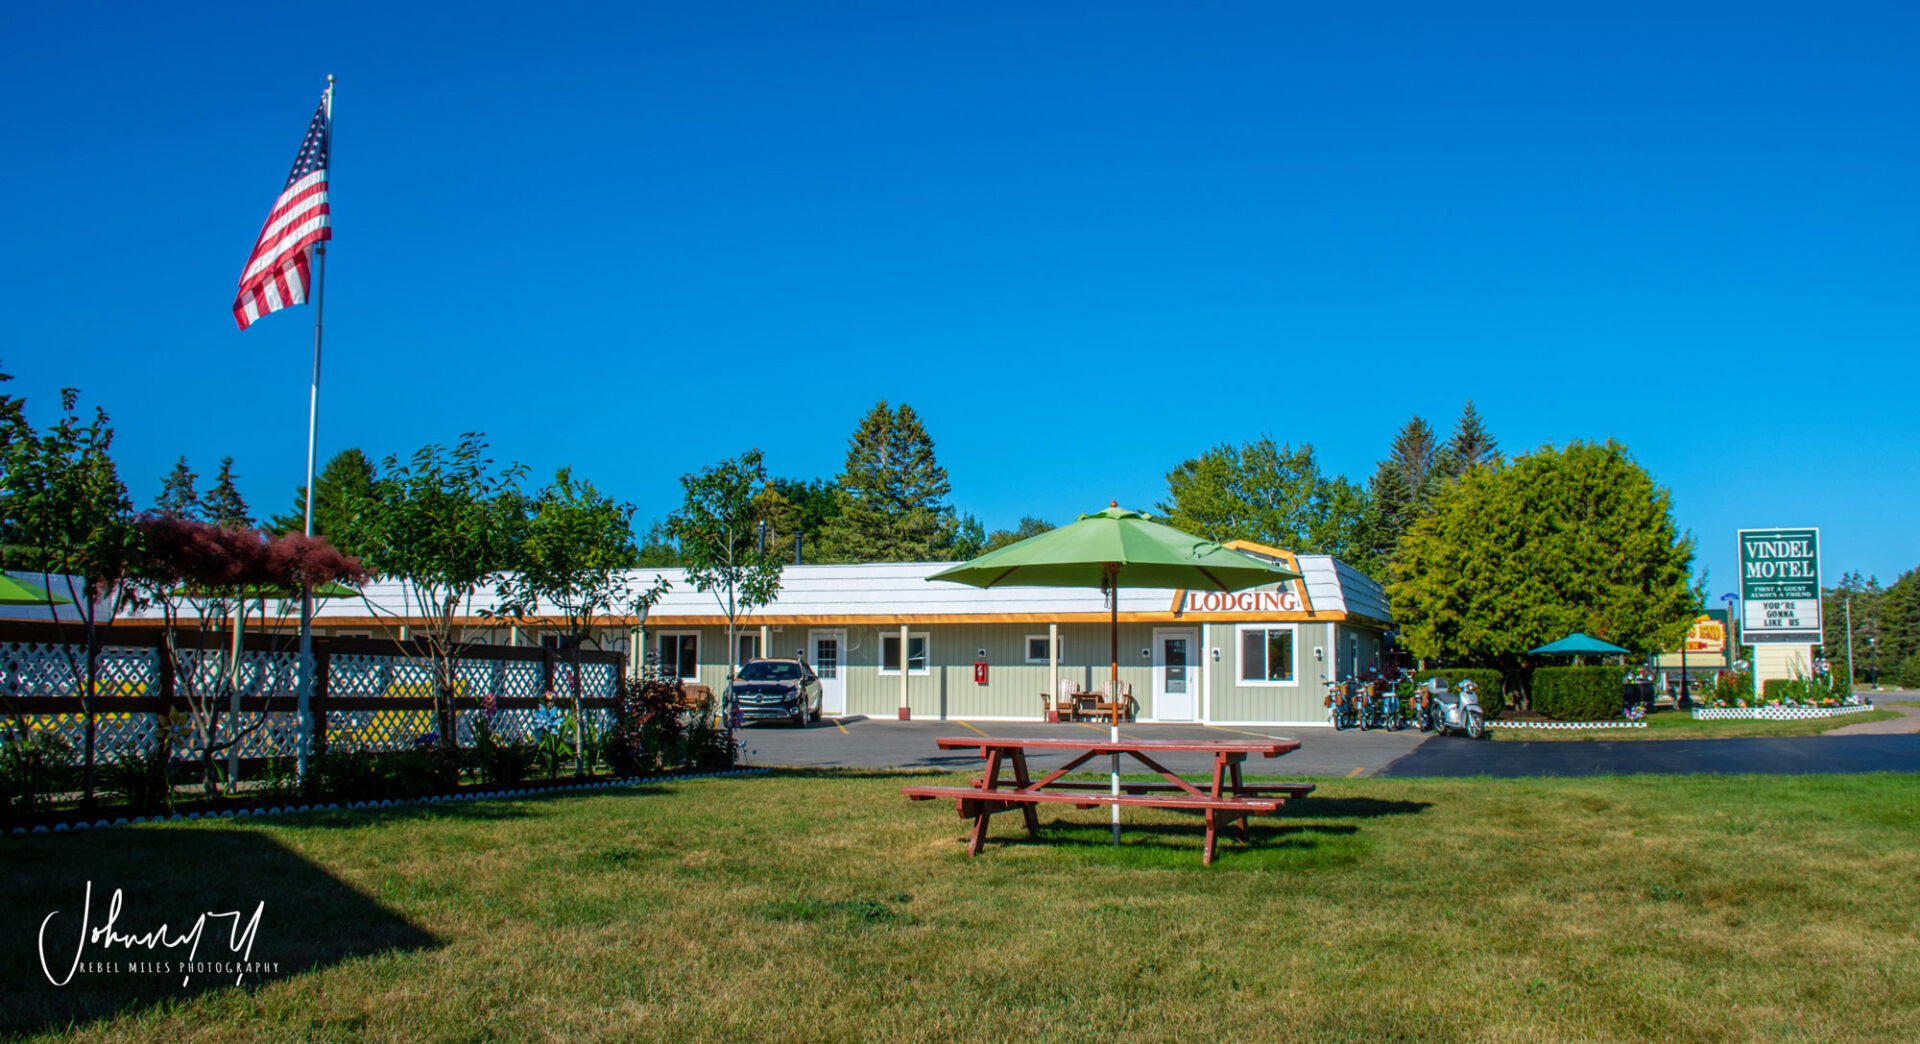 Vindel-Motel-082019-11